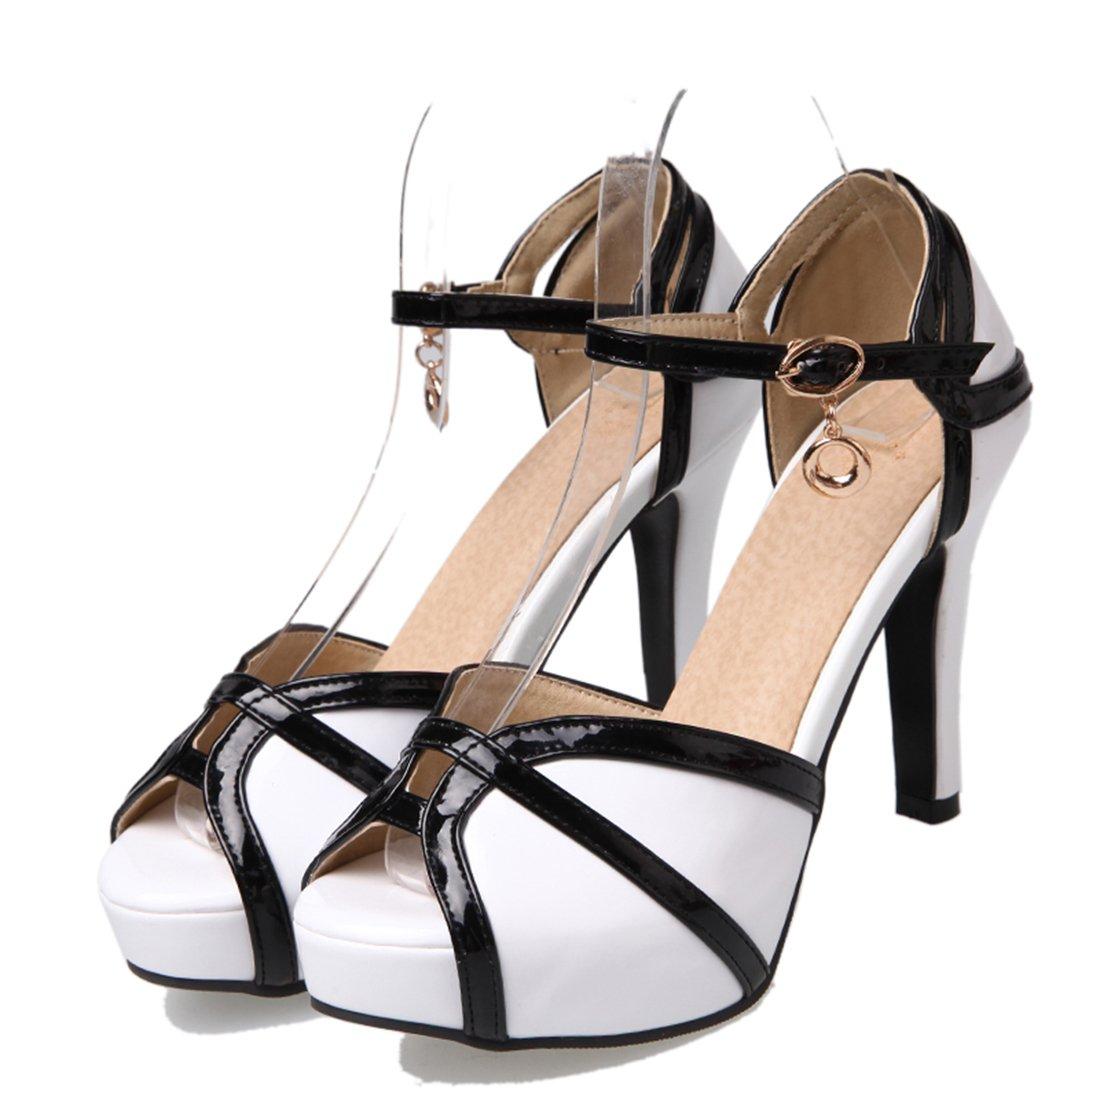 Agodor Sandalen Damen Peeptoes High Heels Sandalen mit und High Plateau und  Riemchen Stiletto Lack Pumps Moderne Schuhe Wei  b2340e5 - couponpro.xyz 47f43ae177